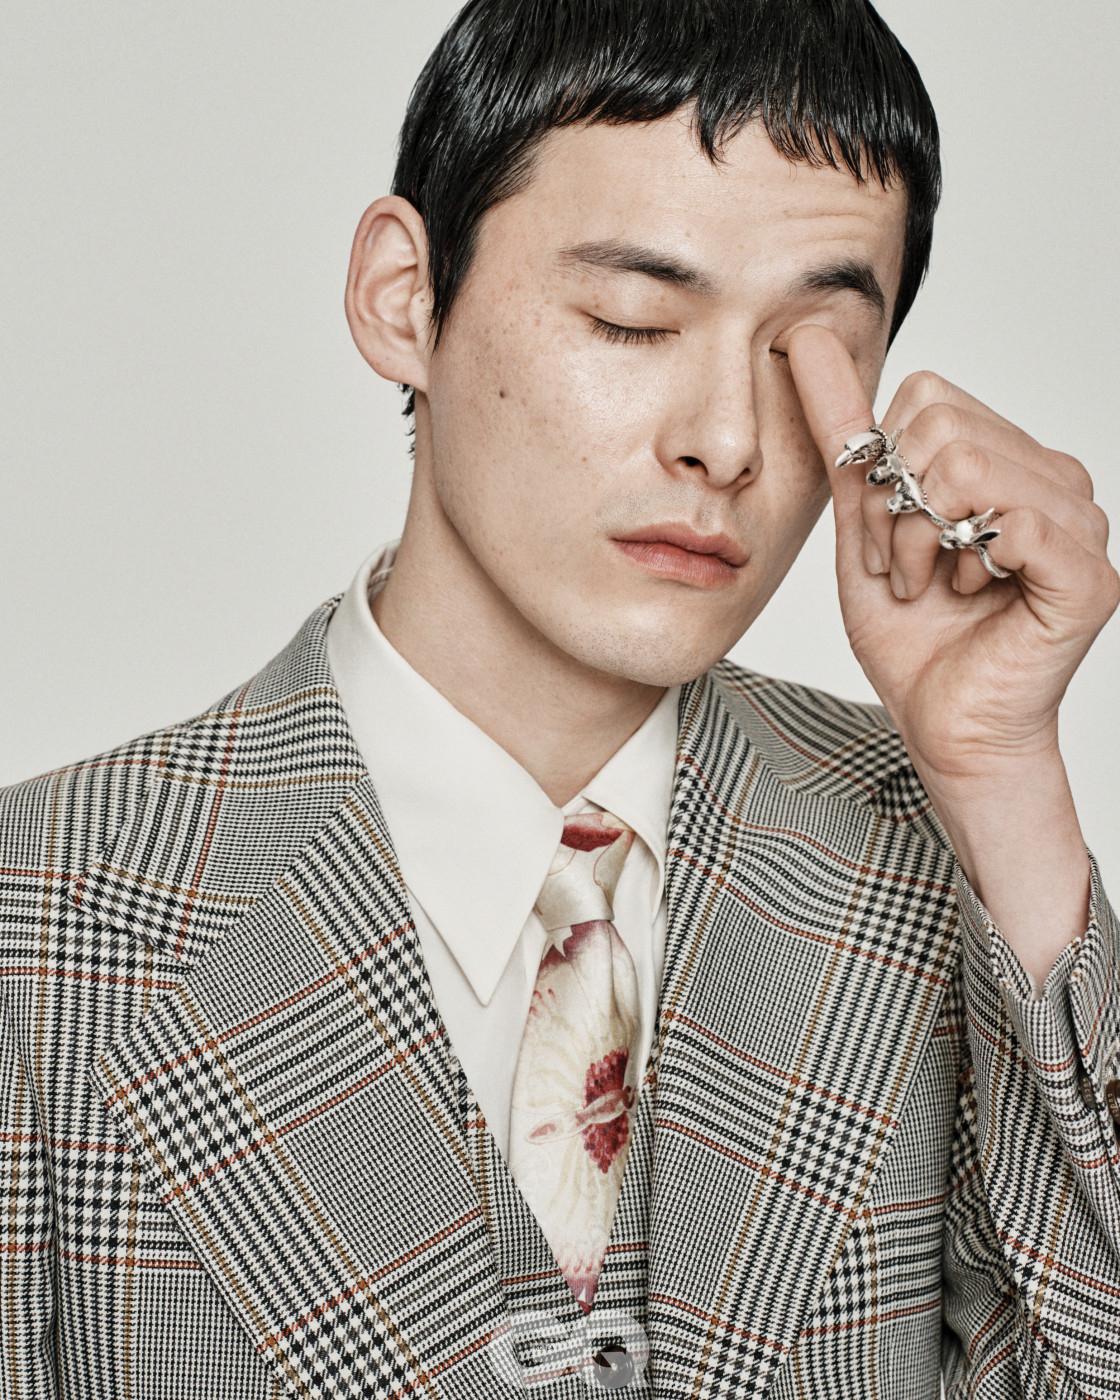 글렌 체크 수트 재킷 2백71만원, 베스트 1백29만원, 화이트 셔츠 1백29만원, 꽃무늬 실크 타이 가격 미정, 실버 링 각각  42만원, 모두 구찌.